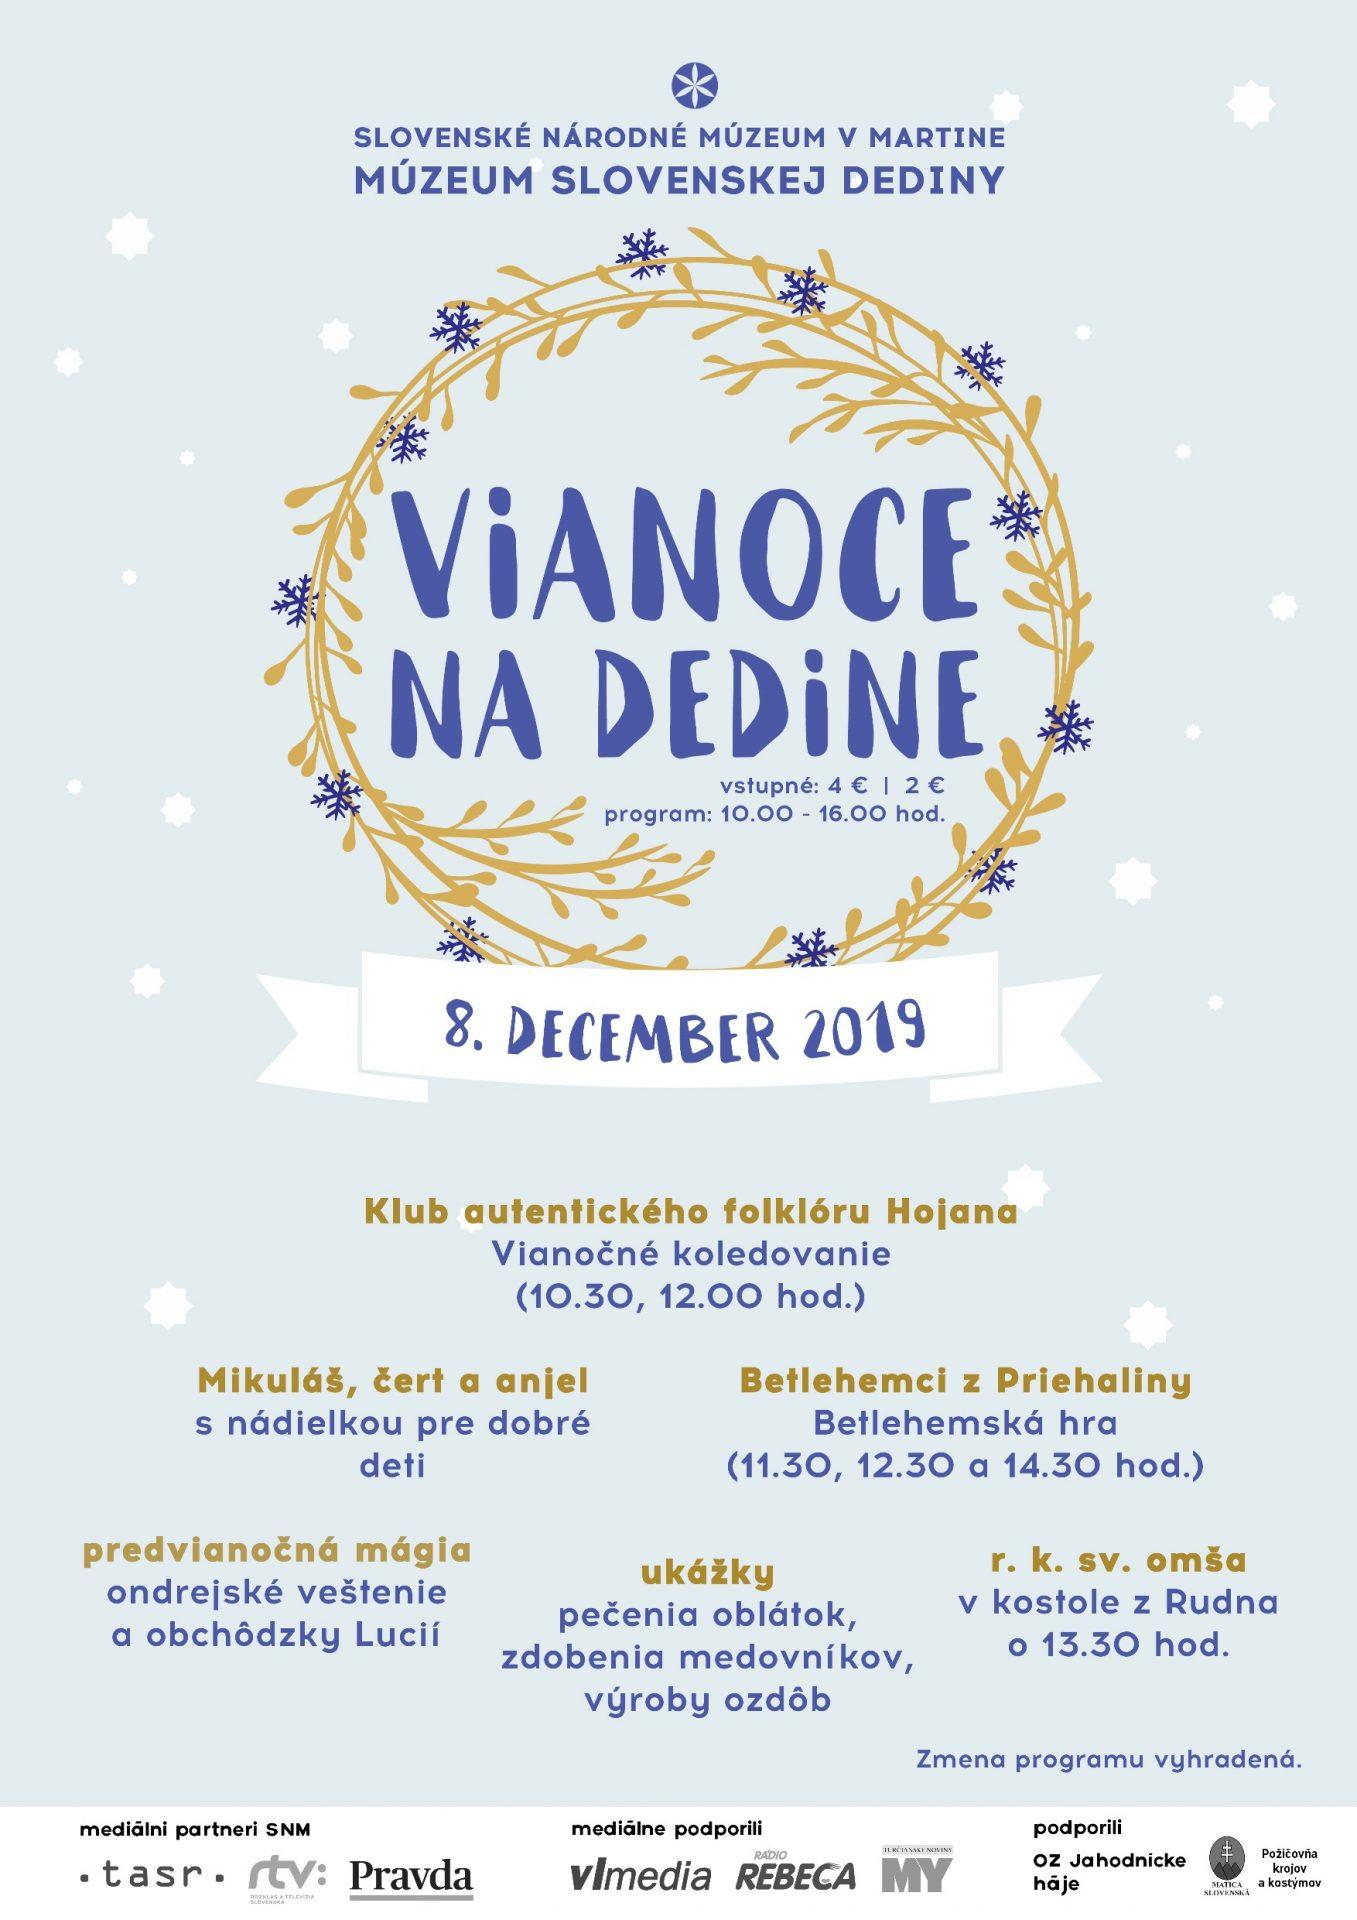 , V Múzeu slovenskej dediny v Martine zažijete Vianoce na dedine